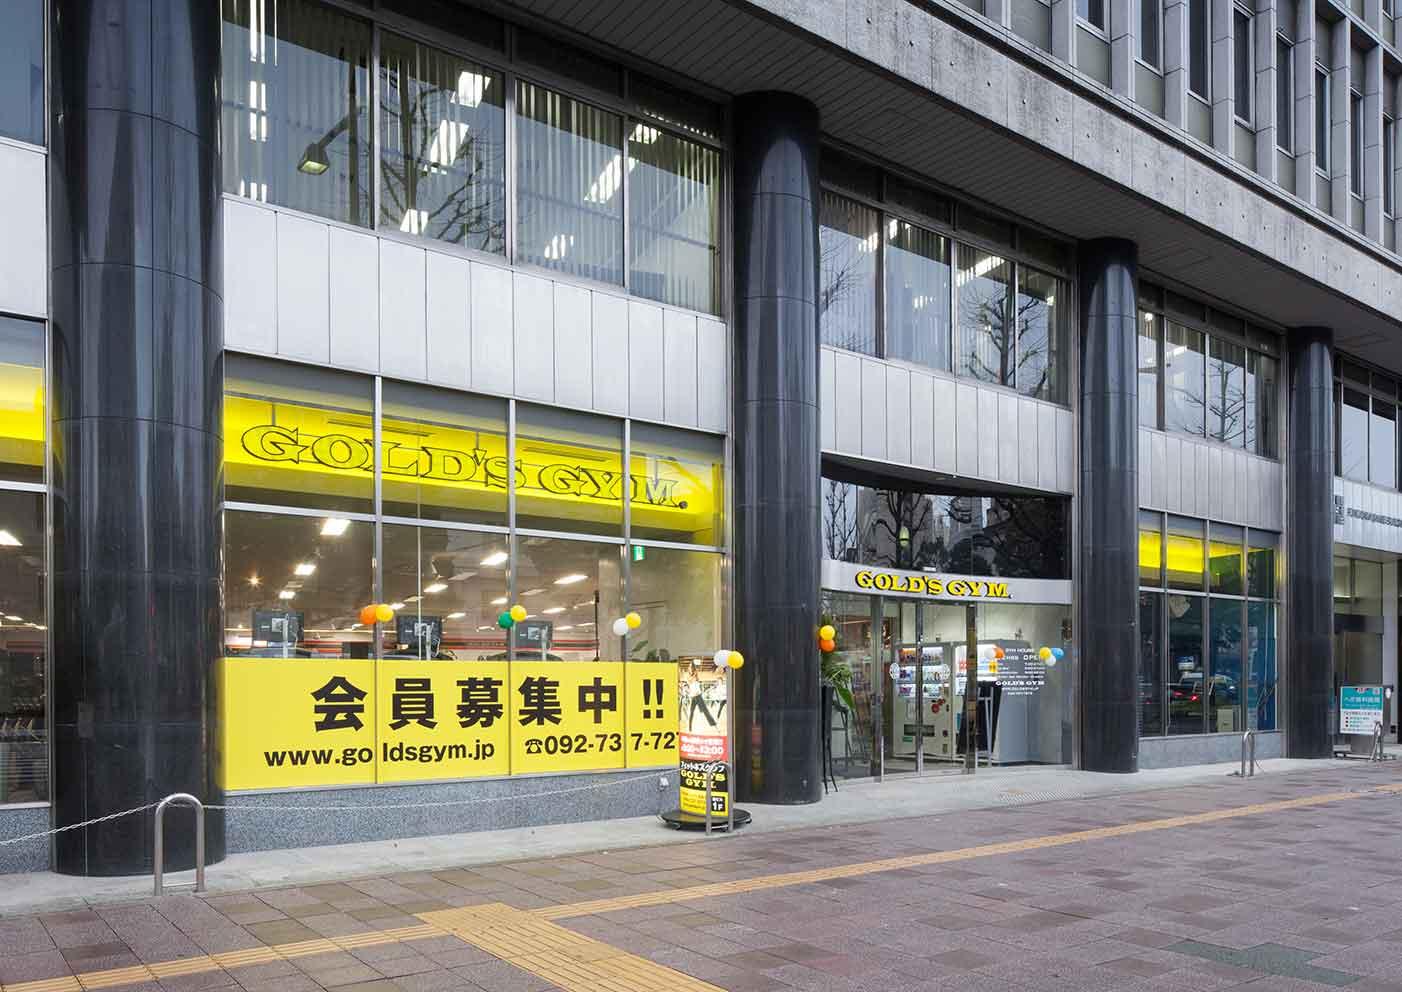 ゴールドジム 博多福岡店